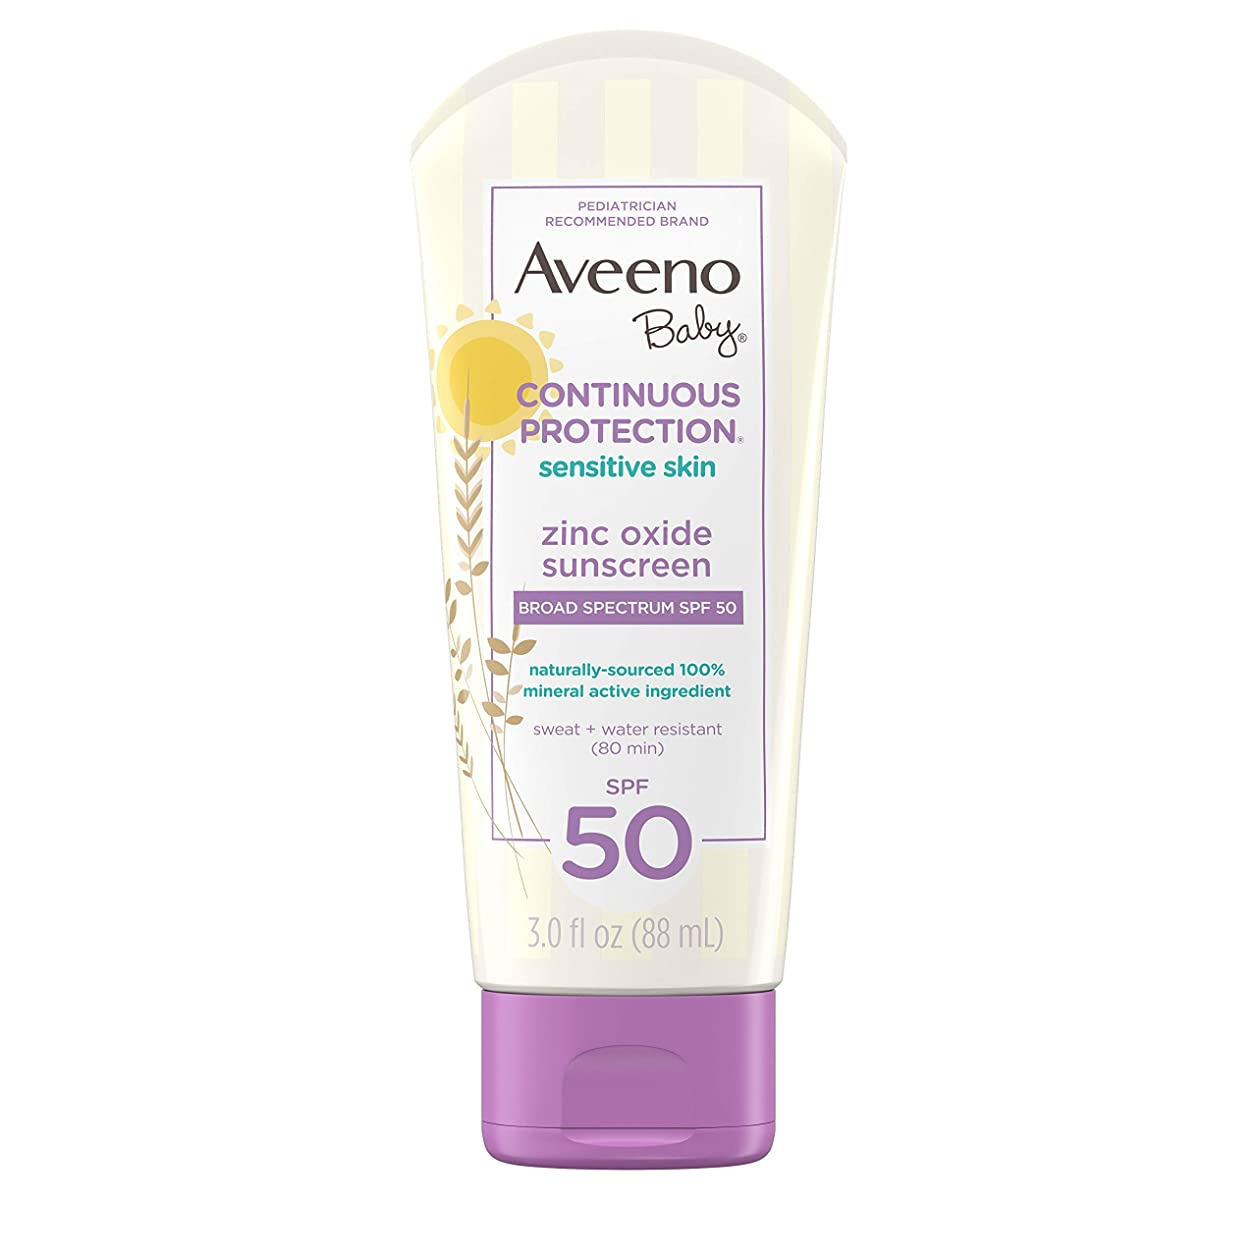 先見の明許可する補足Aveeno Baby 広域スペクトルのSPF 50、涙フリー、Sweat-&耐水性、旅行、サイズ、3フロリダで敏感肌用のContinuous Protection酸化亜鉛ミネラル日焼け止めローション。オズ